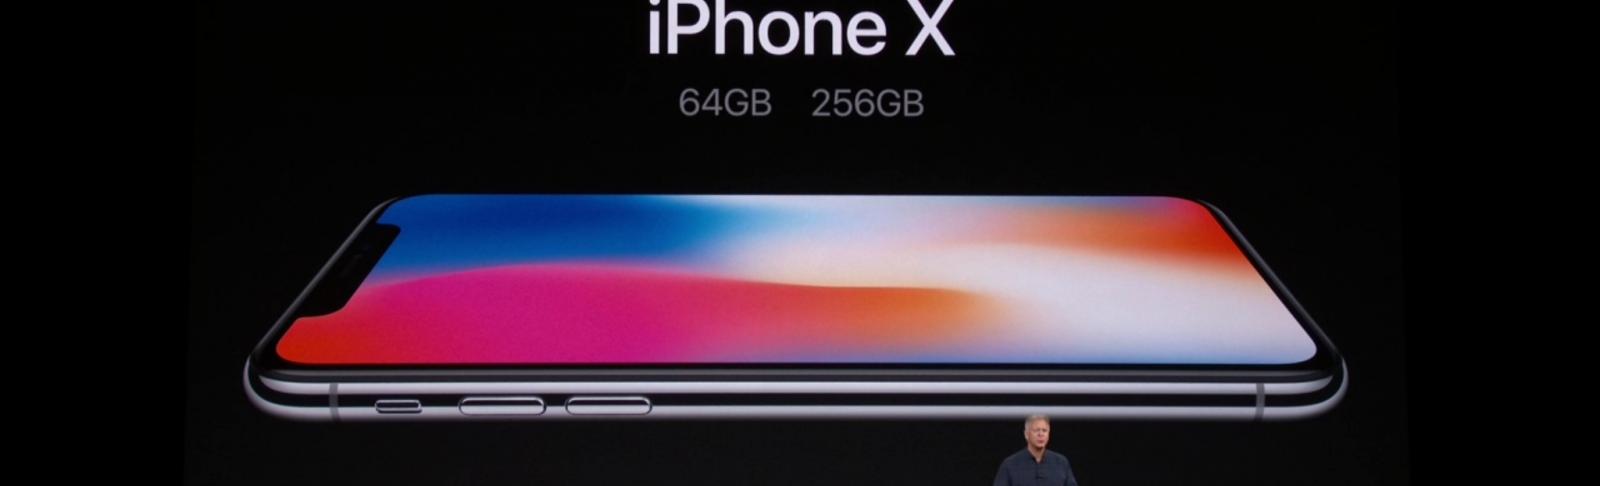 Presentació del nou dispositiu d'Apple